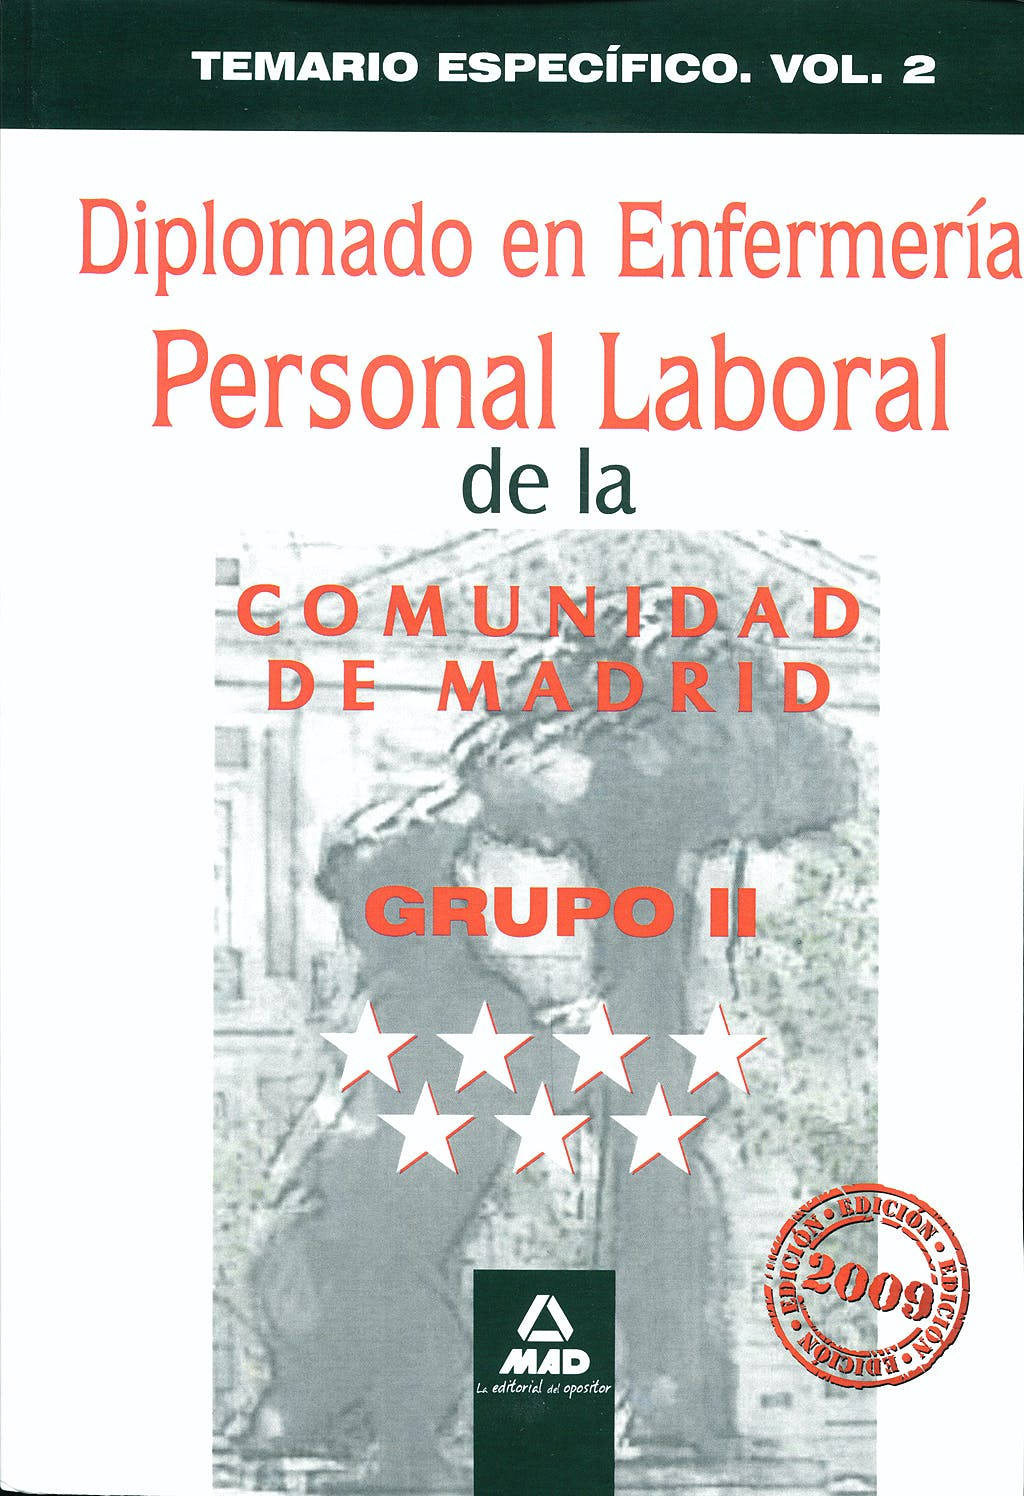 Portada del libro 9788467617849 Diplomado en Enfermeria. Grupo Ii. Personal Laboral de la Comunidad de Madrid. Temario Especifico. Vol 2